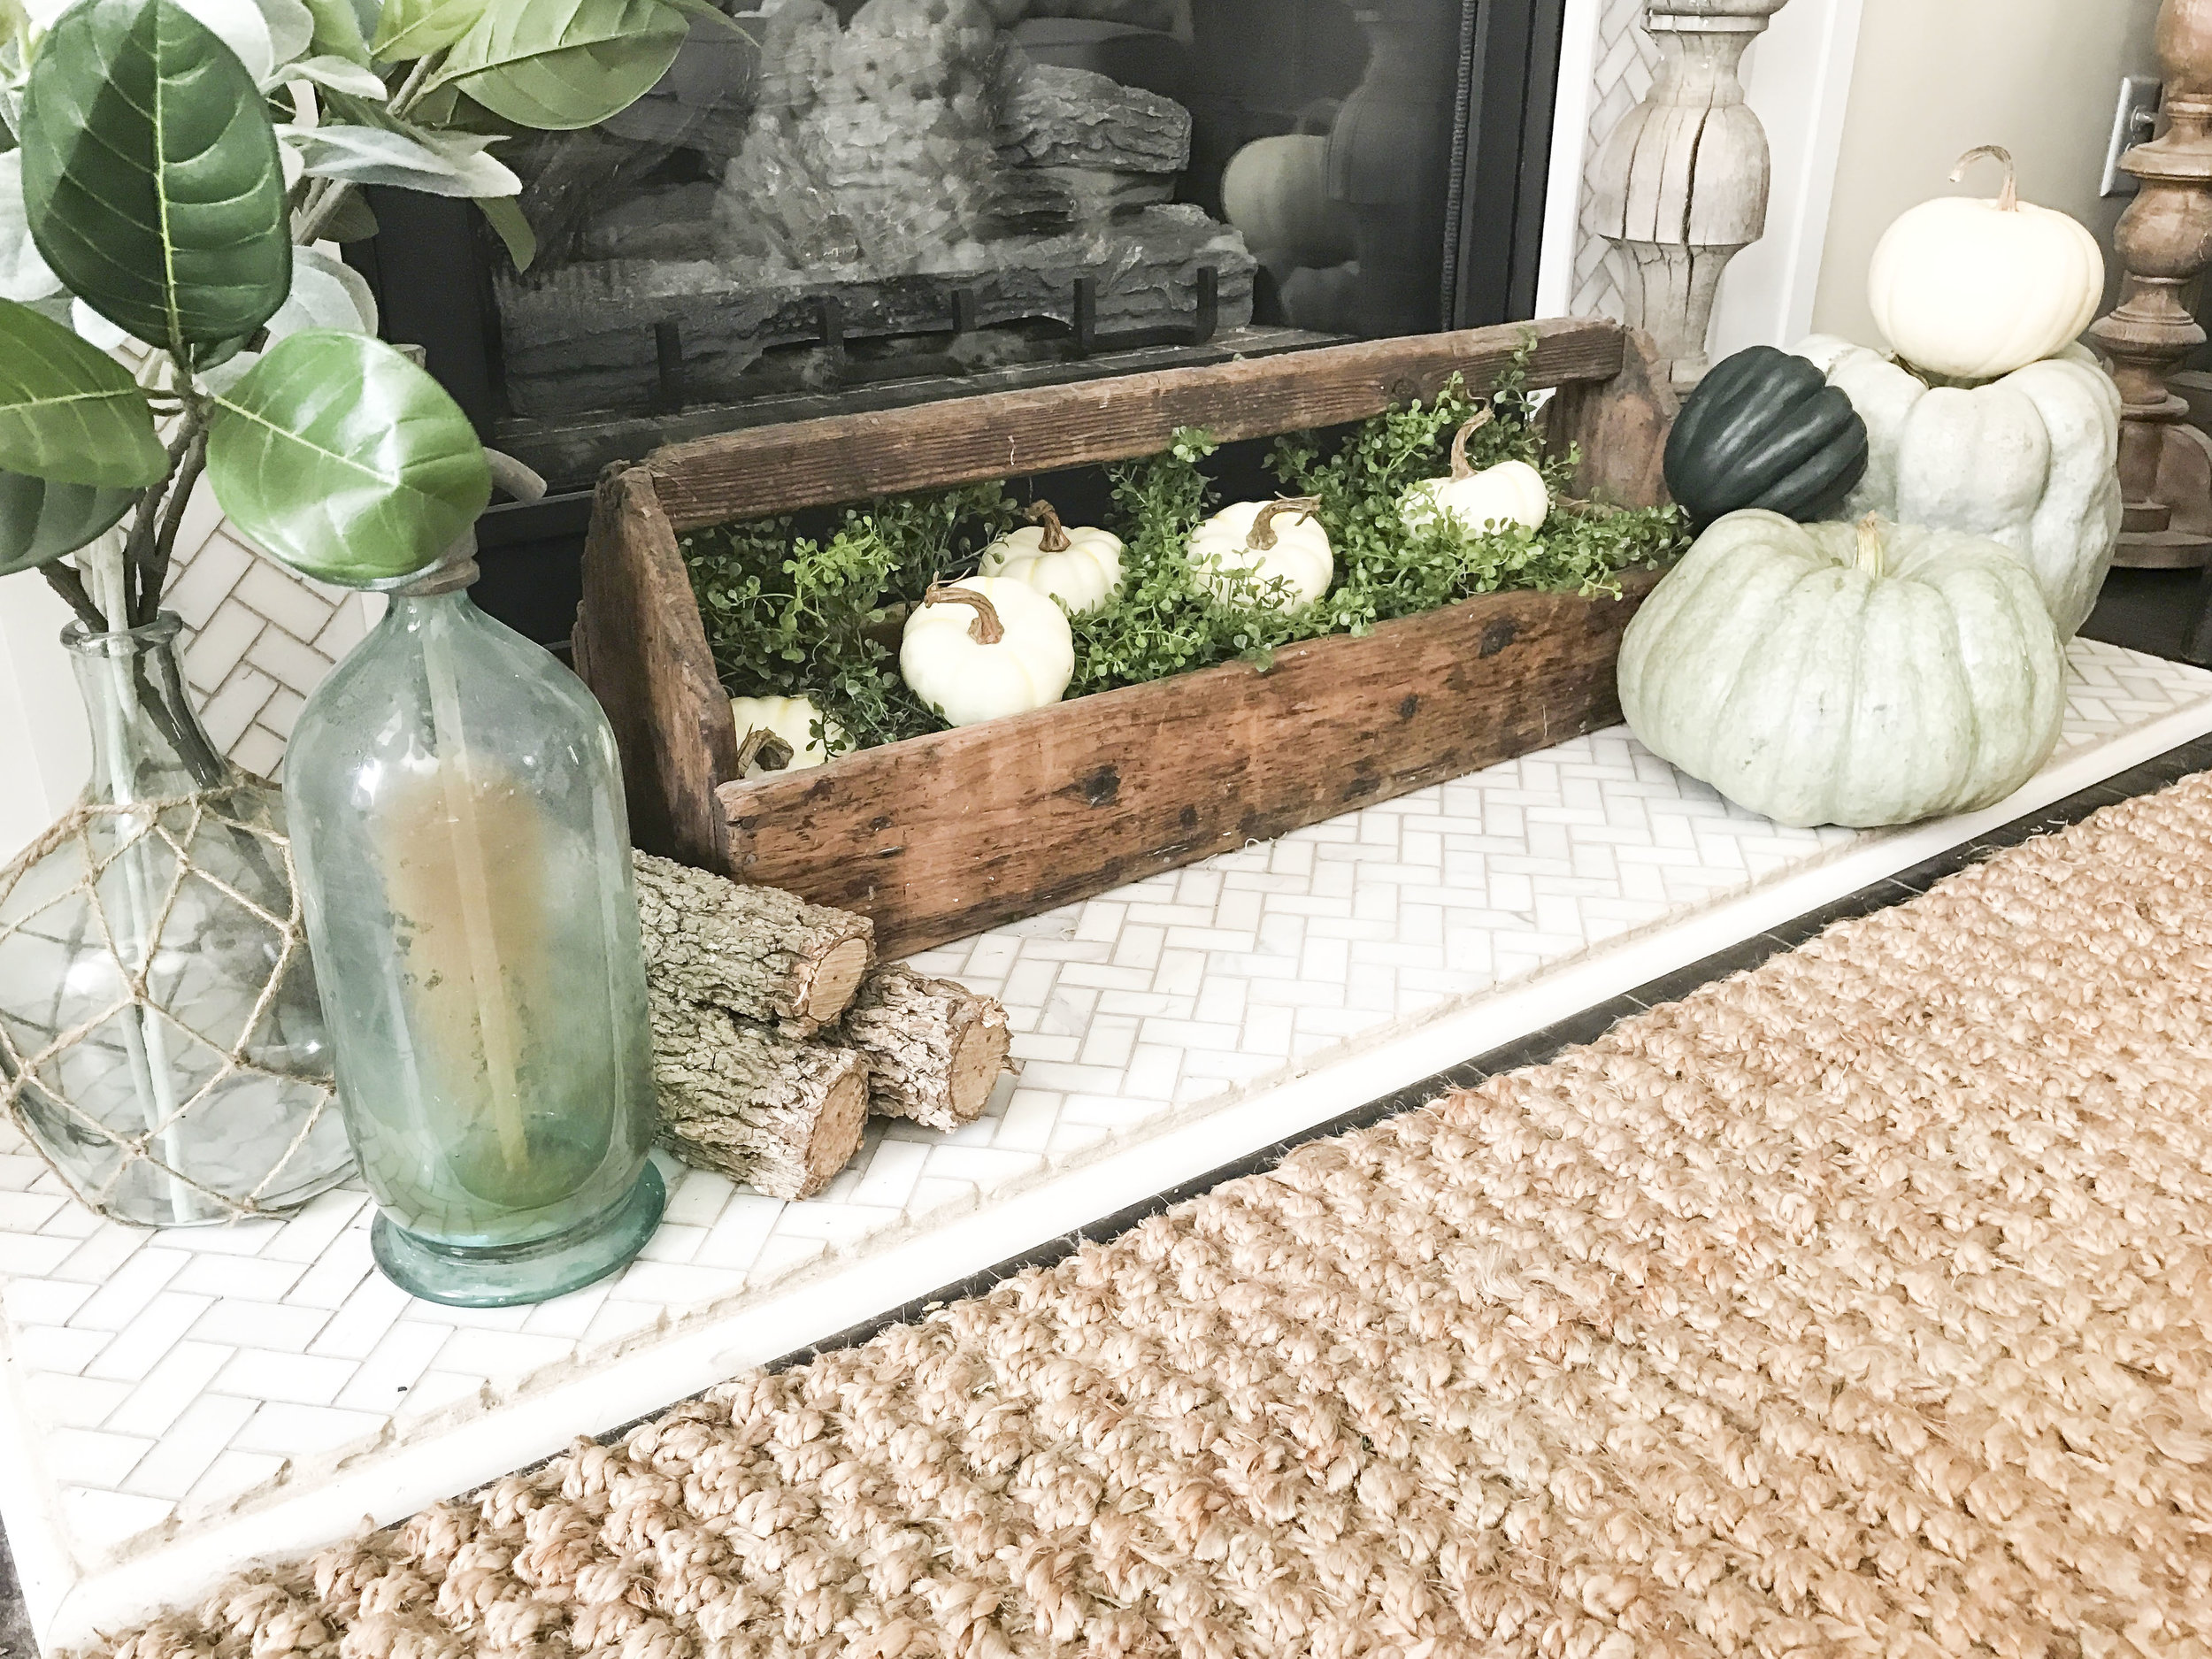 Fall into our Homes- Fall Home Tour inside Plum Pretty Decor and Designs Fall Home- Living Room Fall Decor- Pumpkin Fireplace Decor